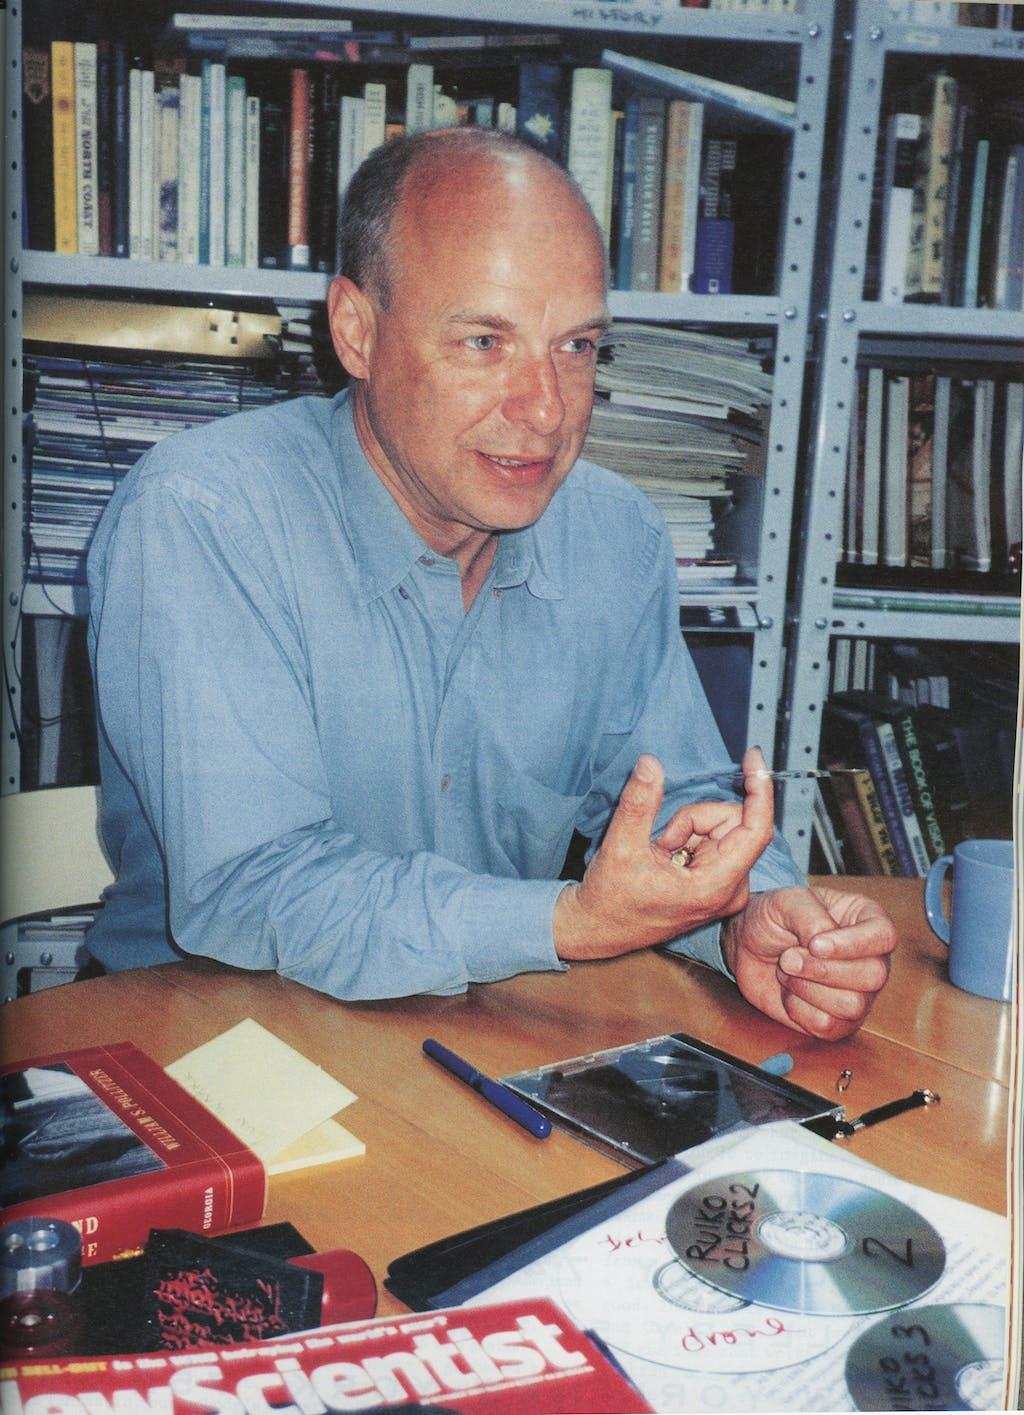 Brian Eno by Letta Harding